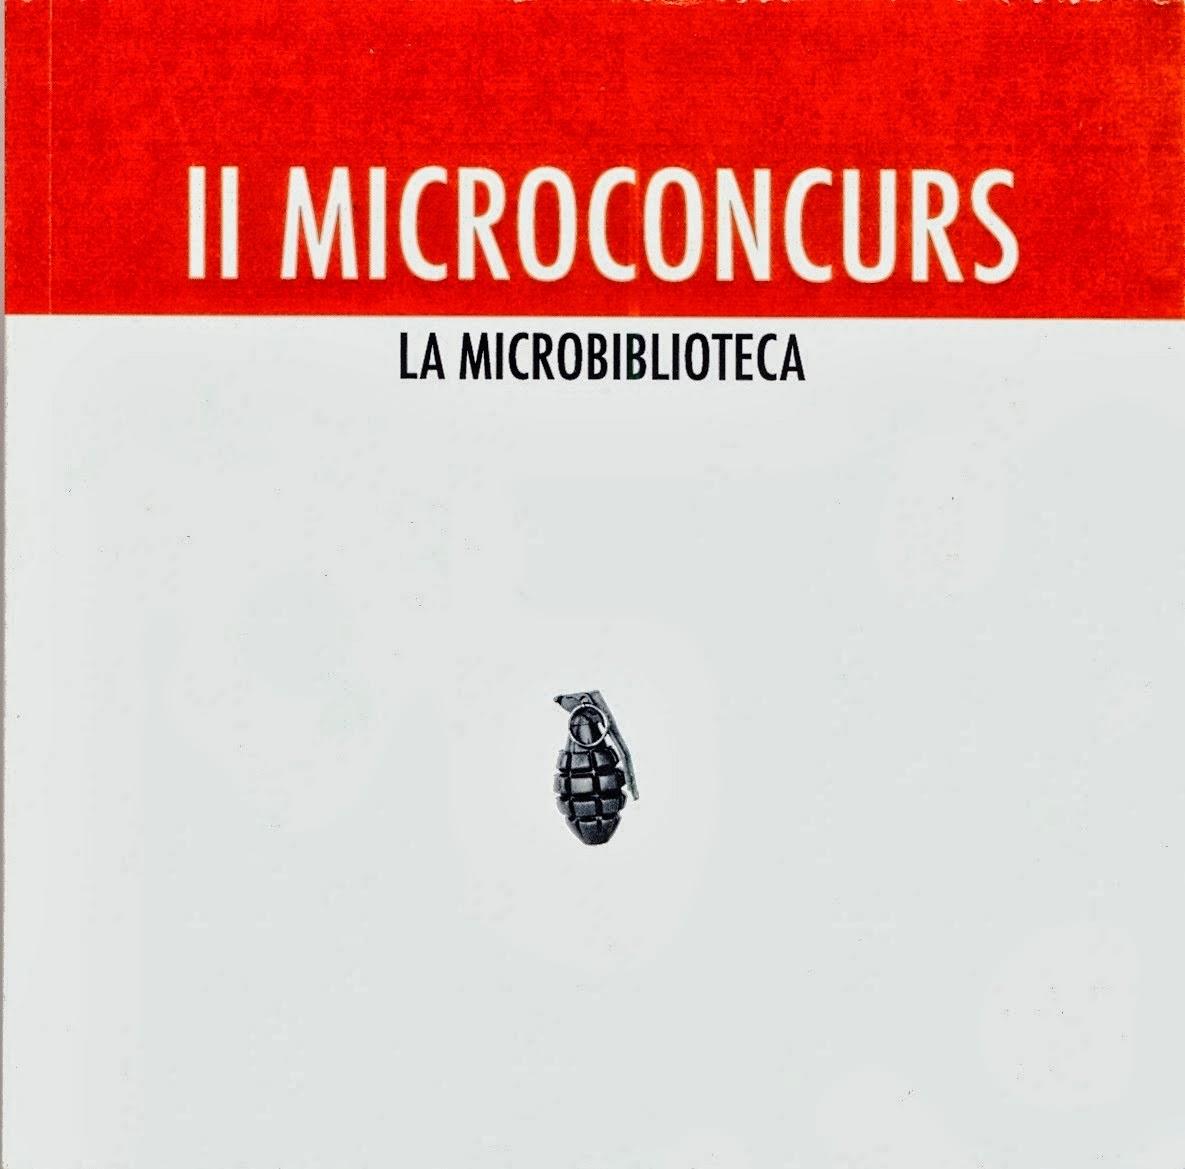 II concurso La microbiblioteca